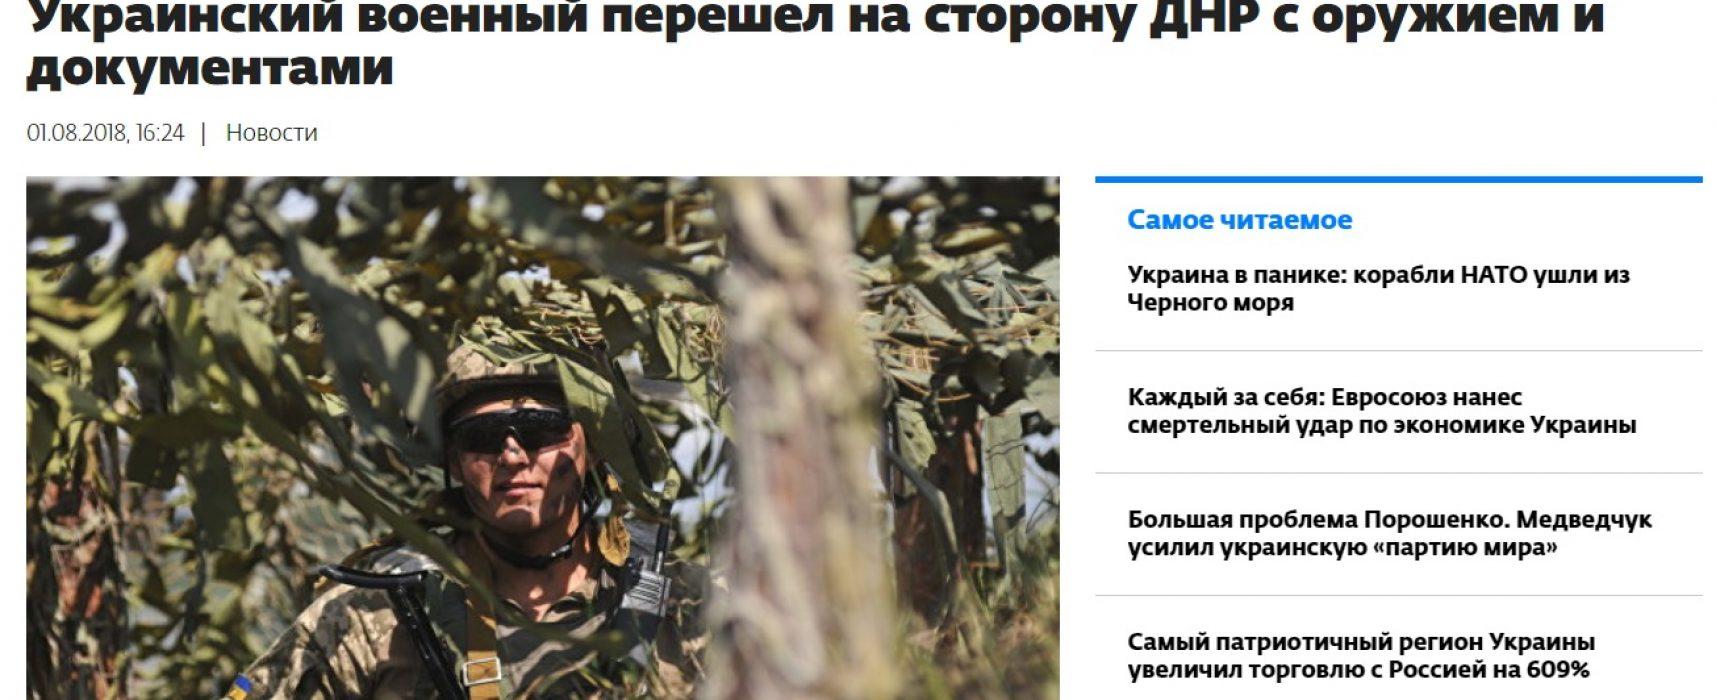 Fake: Ukrainischer Offizier zur separatistischen DNR übergelaufen